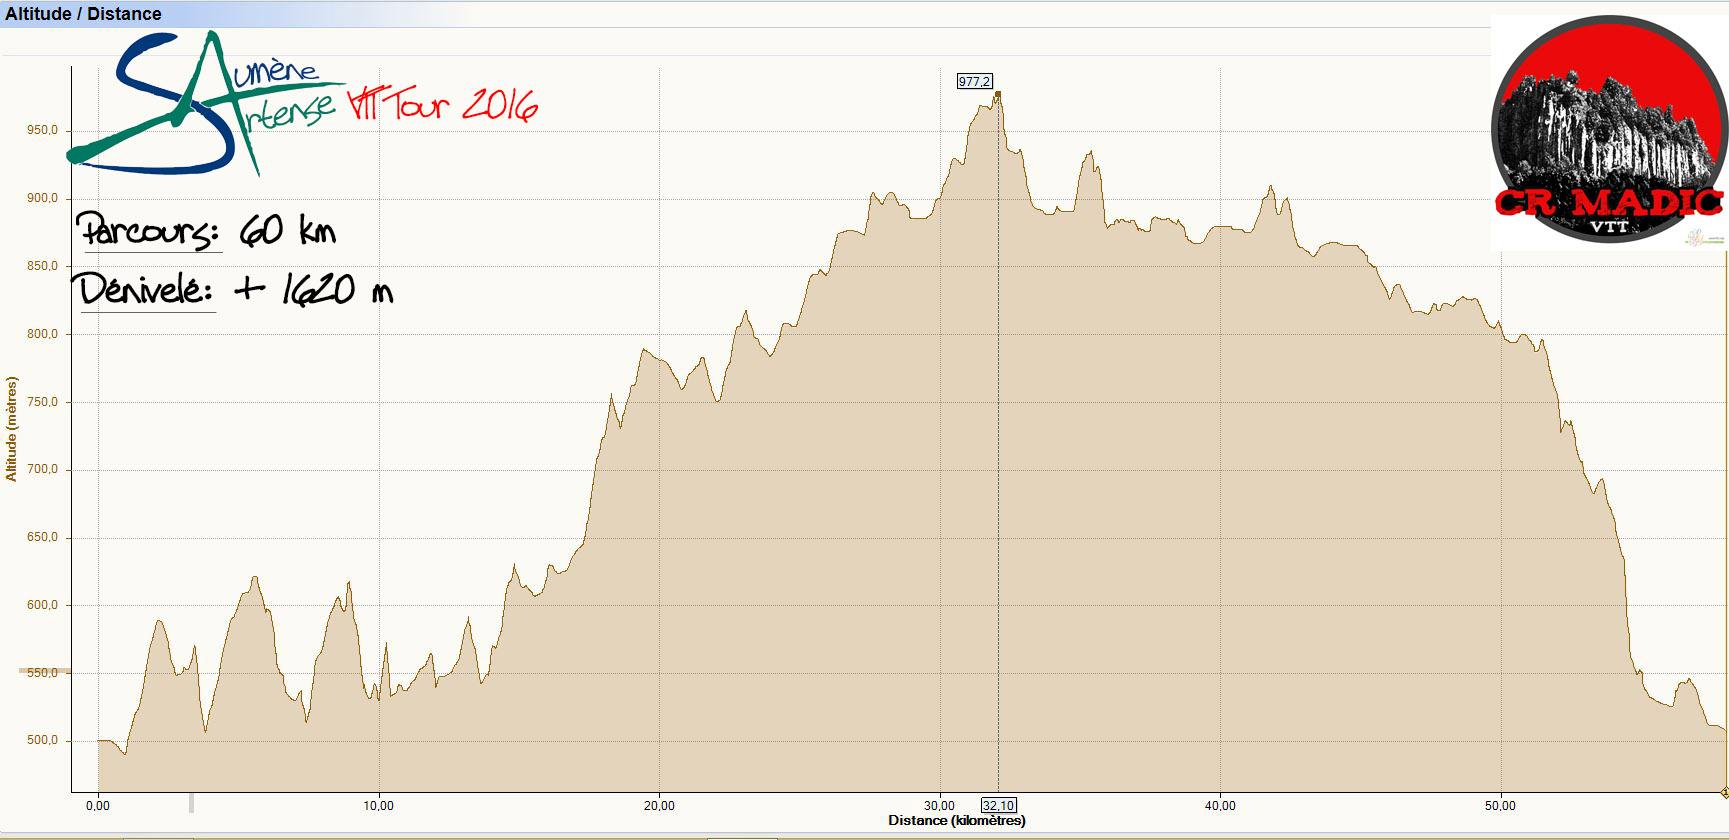 2016 savtt tour parcours 60 km denivele